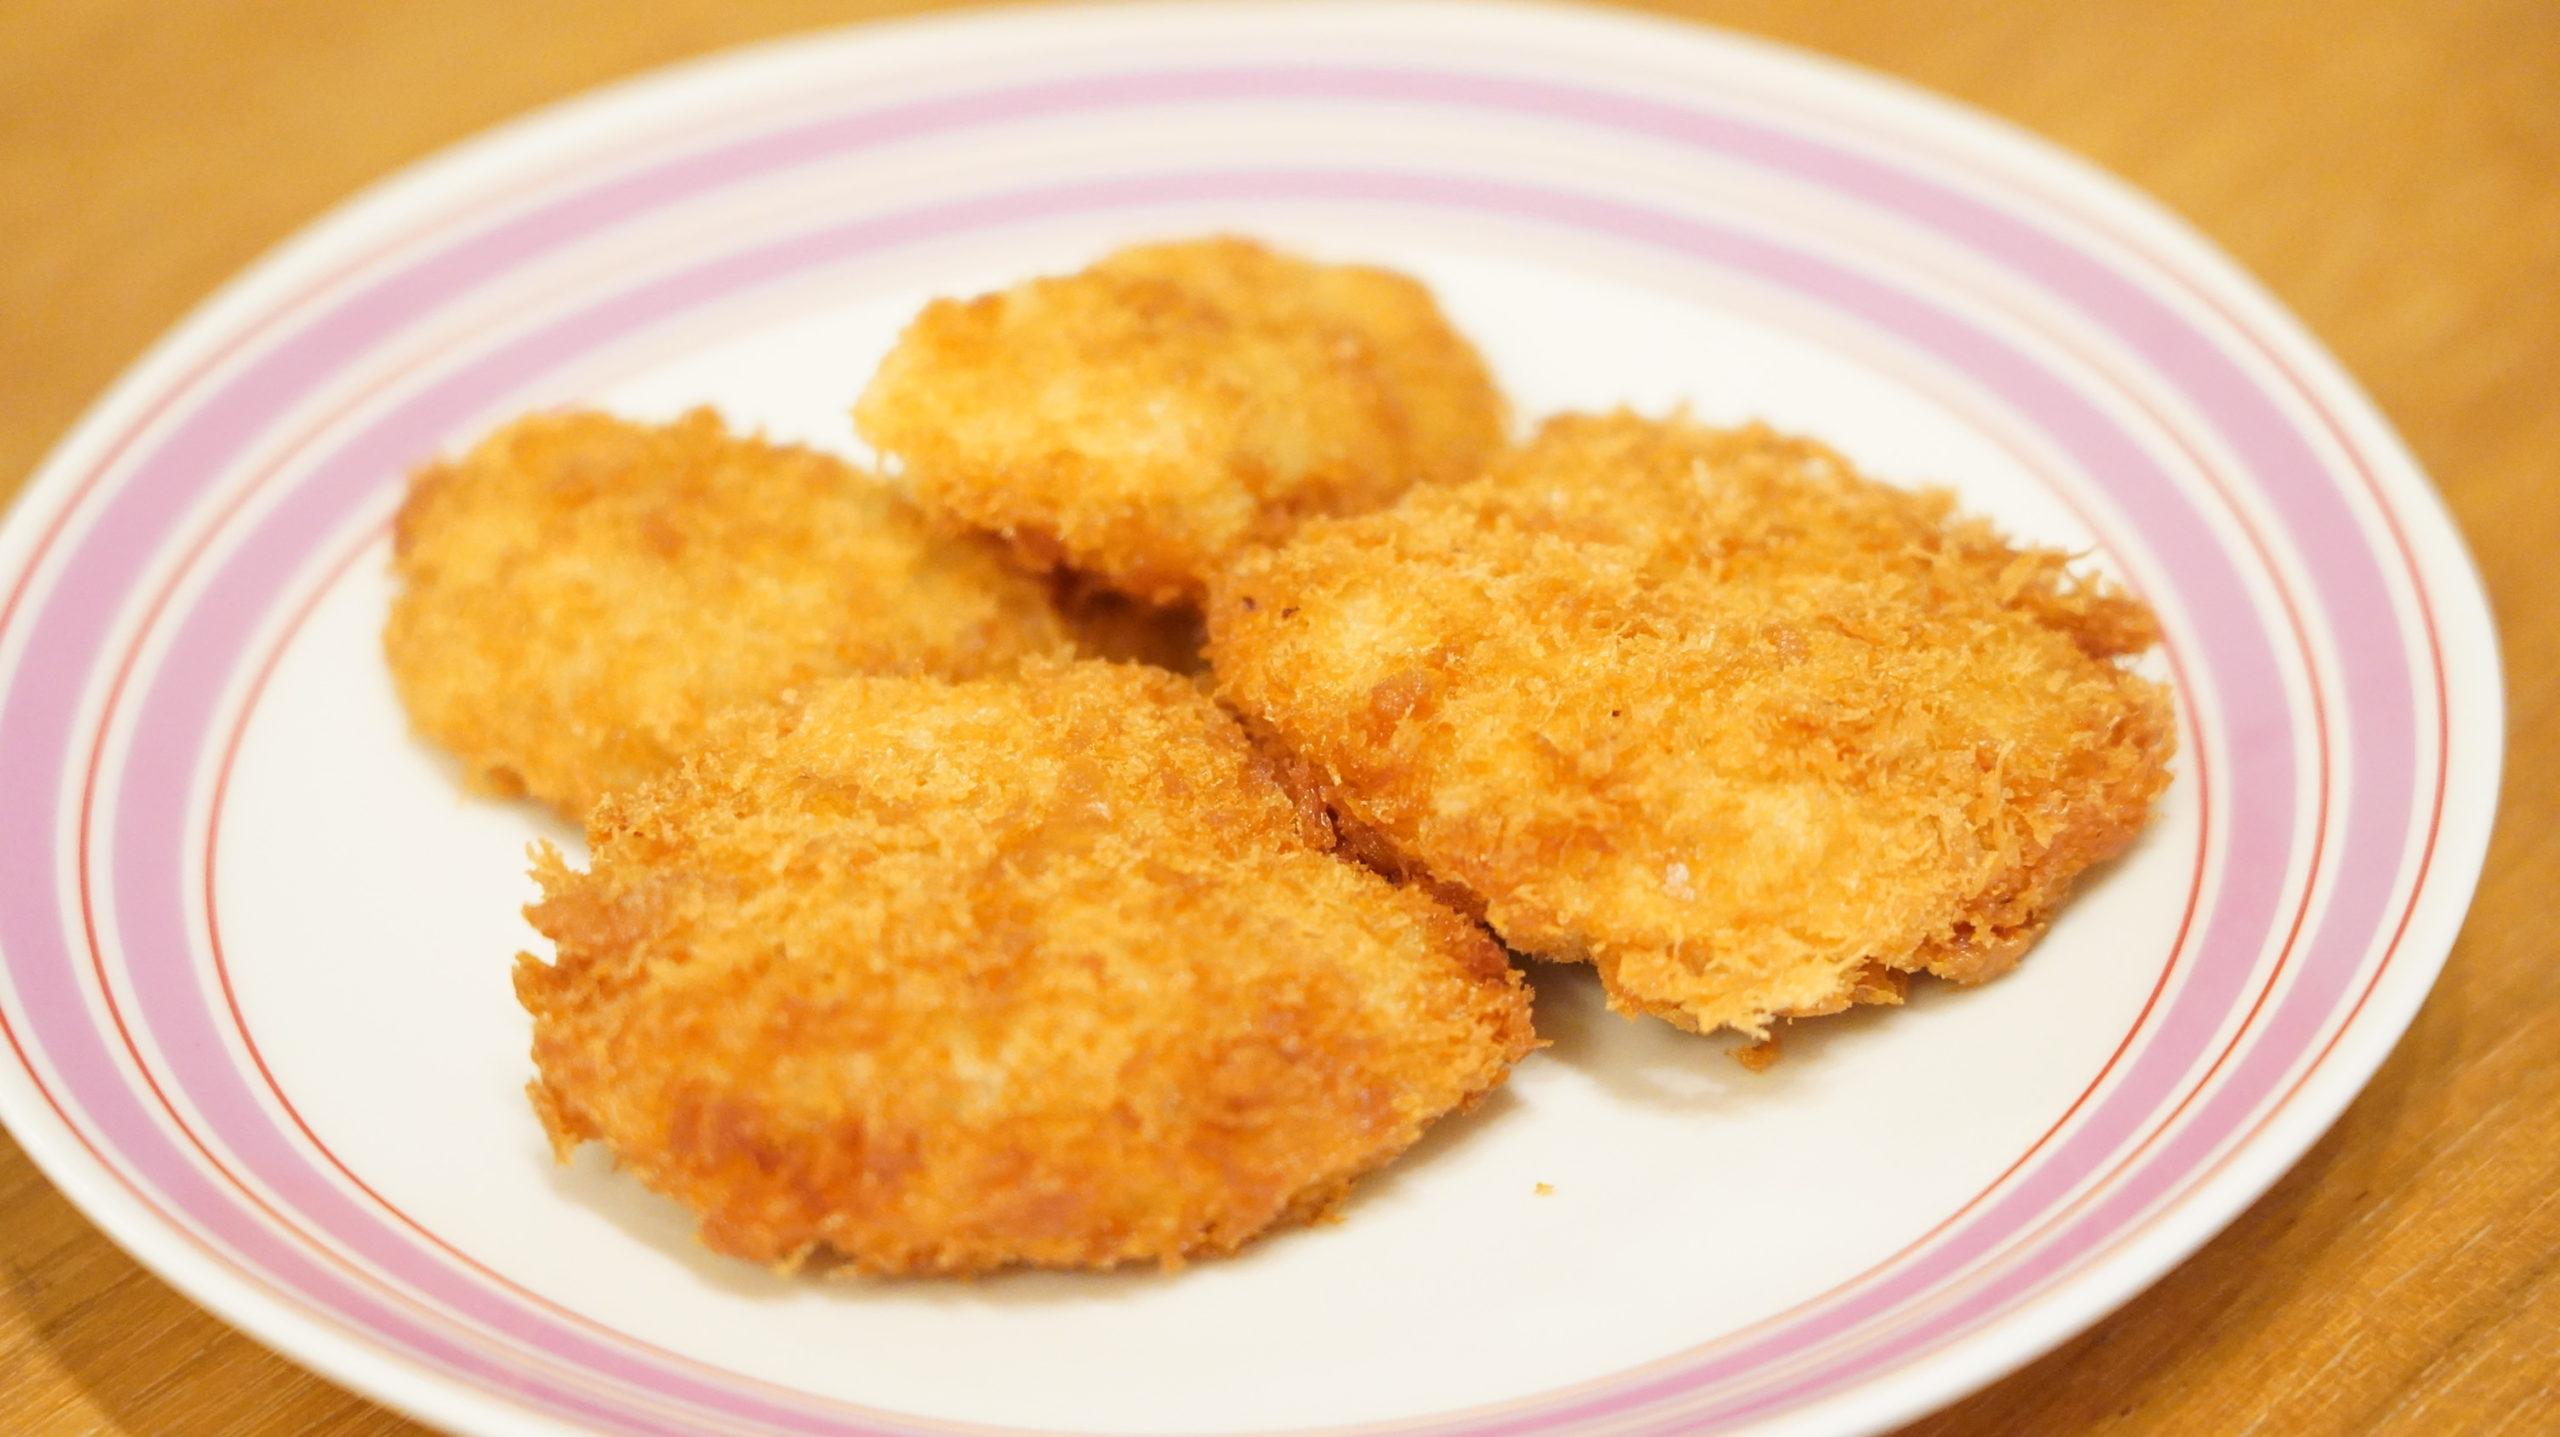 ニチレイの冷凍食品「極上ヒレかつ」の大きさが良く分かるクローズアップ写真